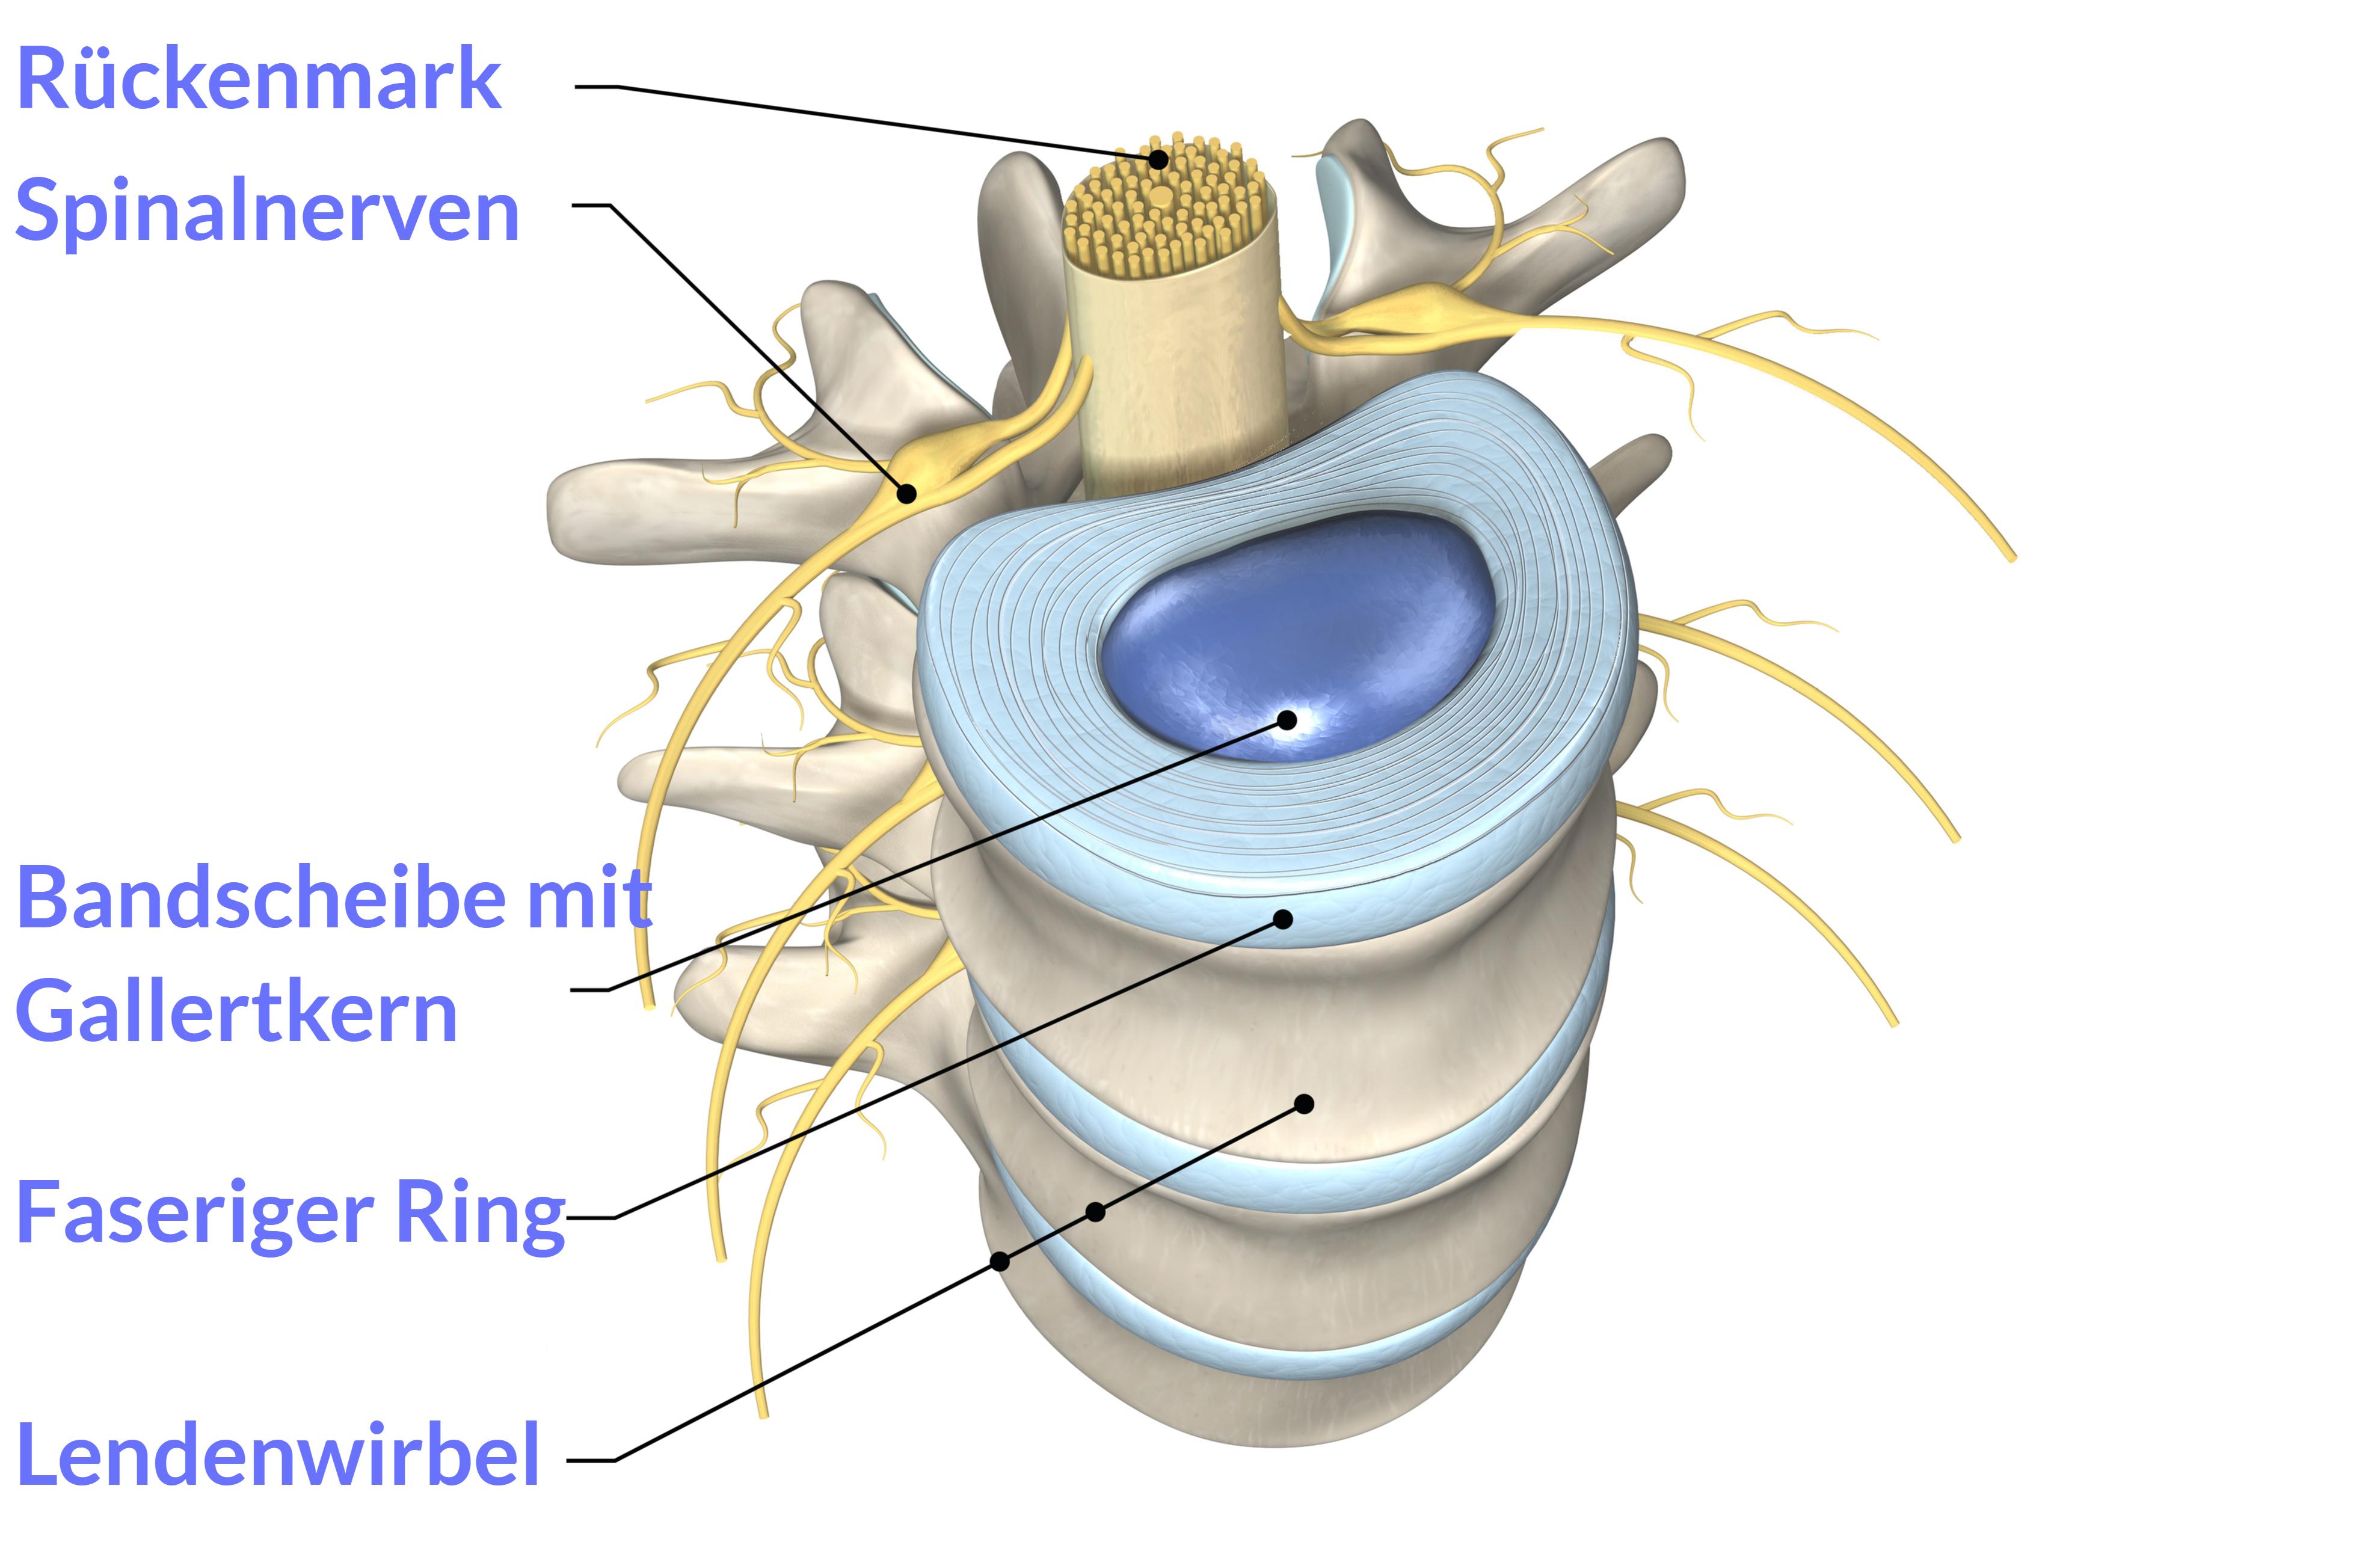 3D-Illustration von Lendenwirbeln mit Bandscheiben